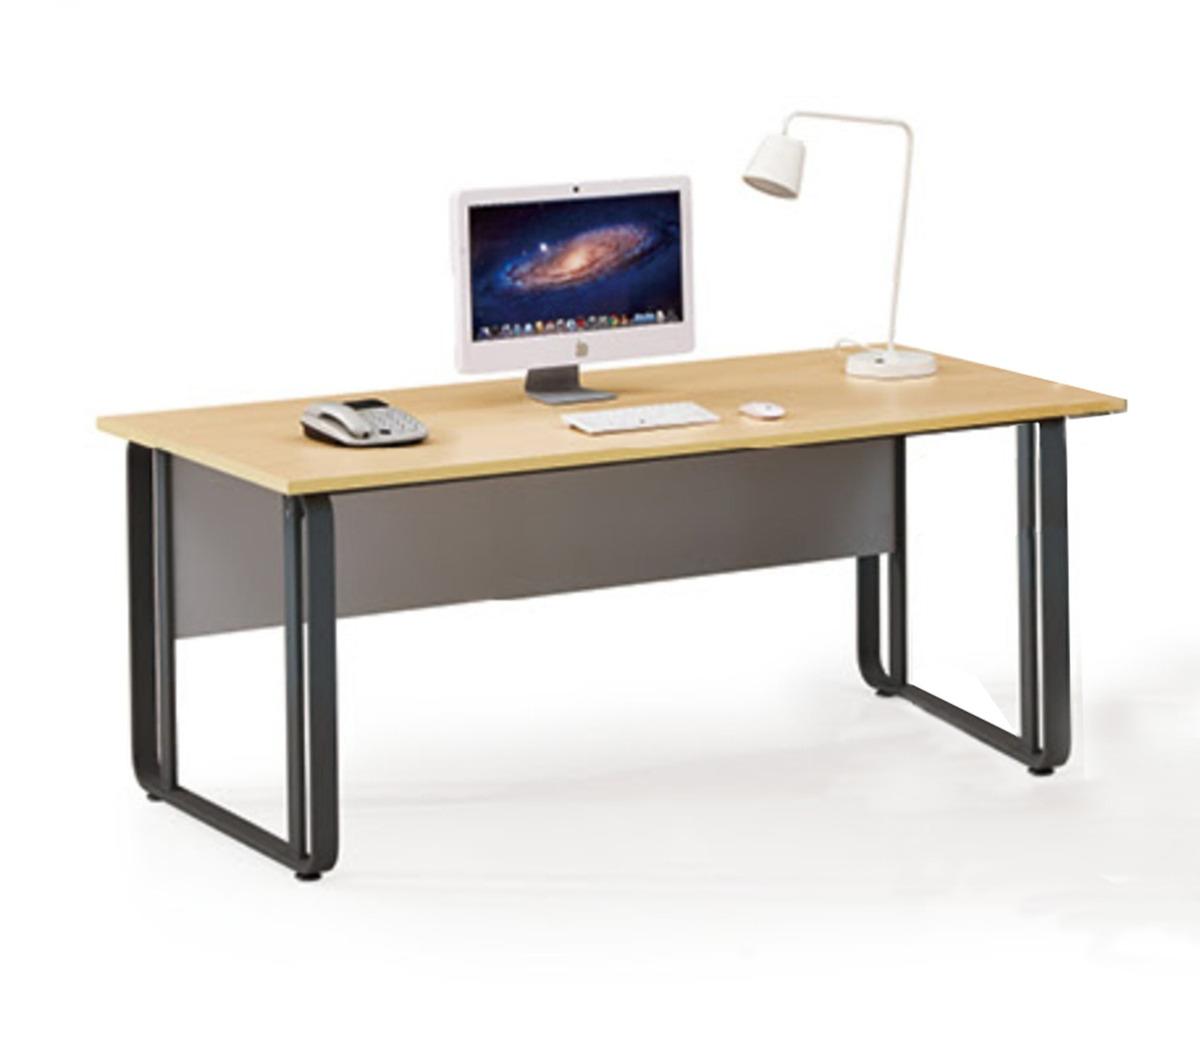 Muebles Para Oficina Mesa Bg-c01 1.60mts - $ 8.390,00 en Mercado Libre